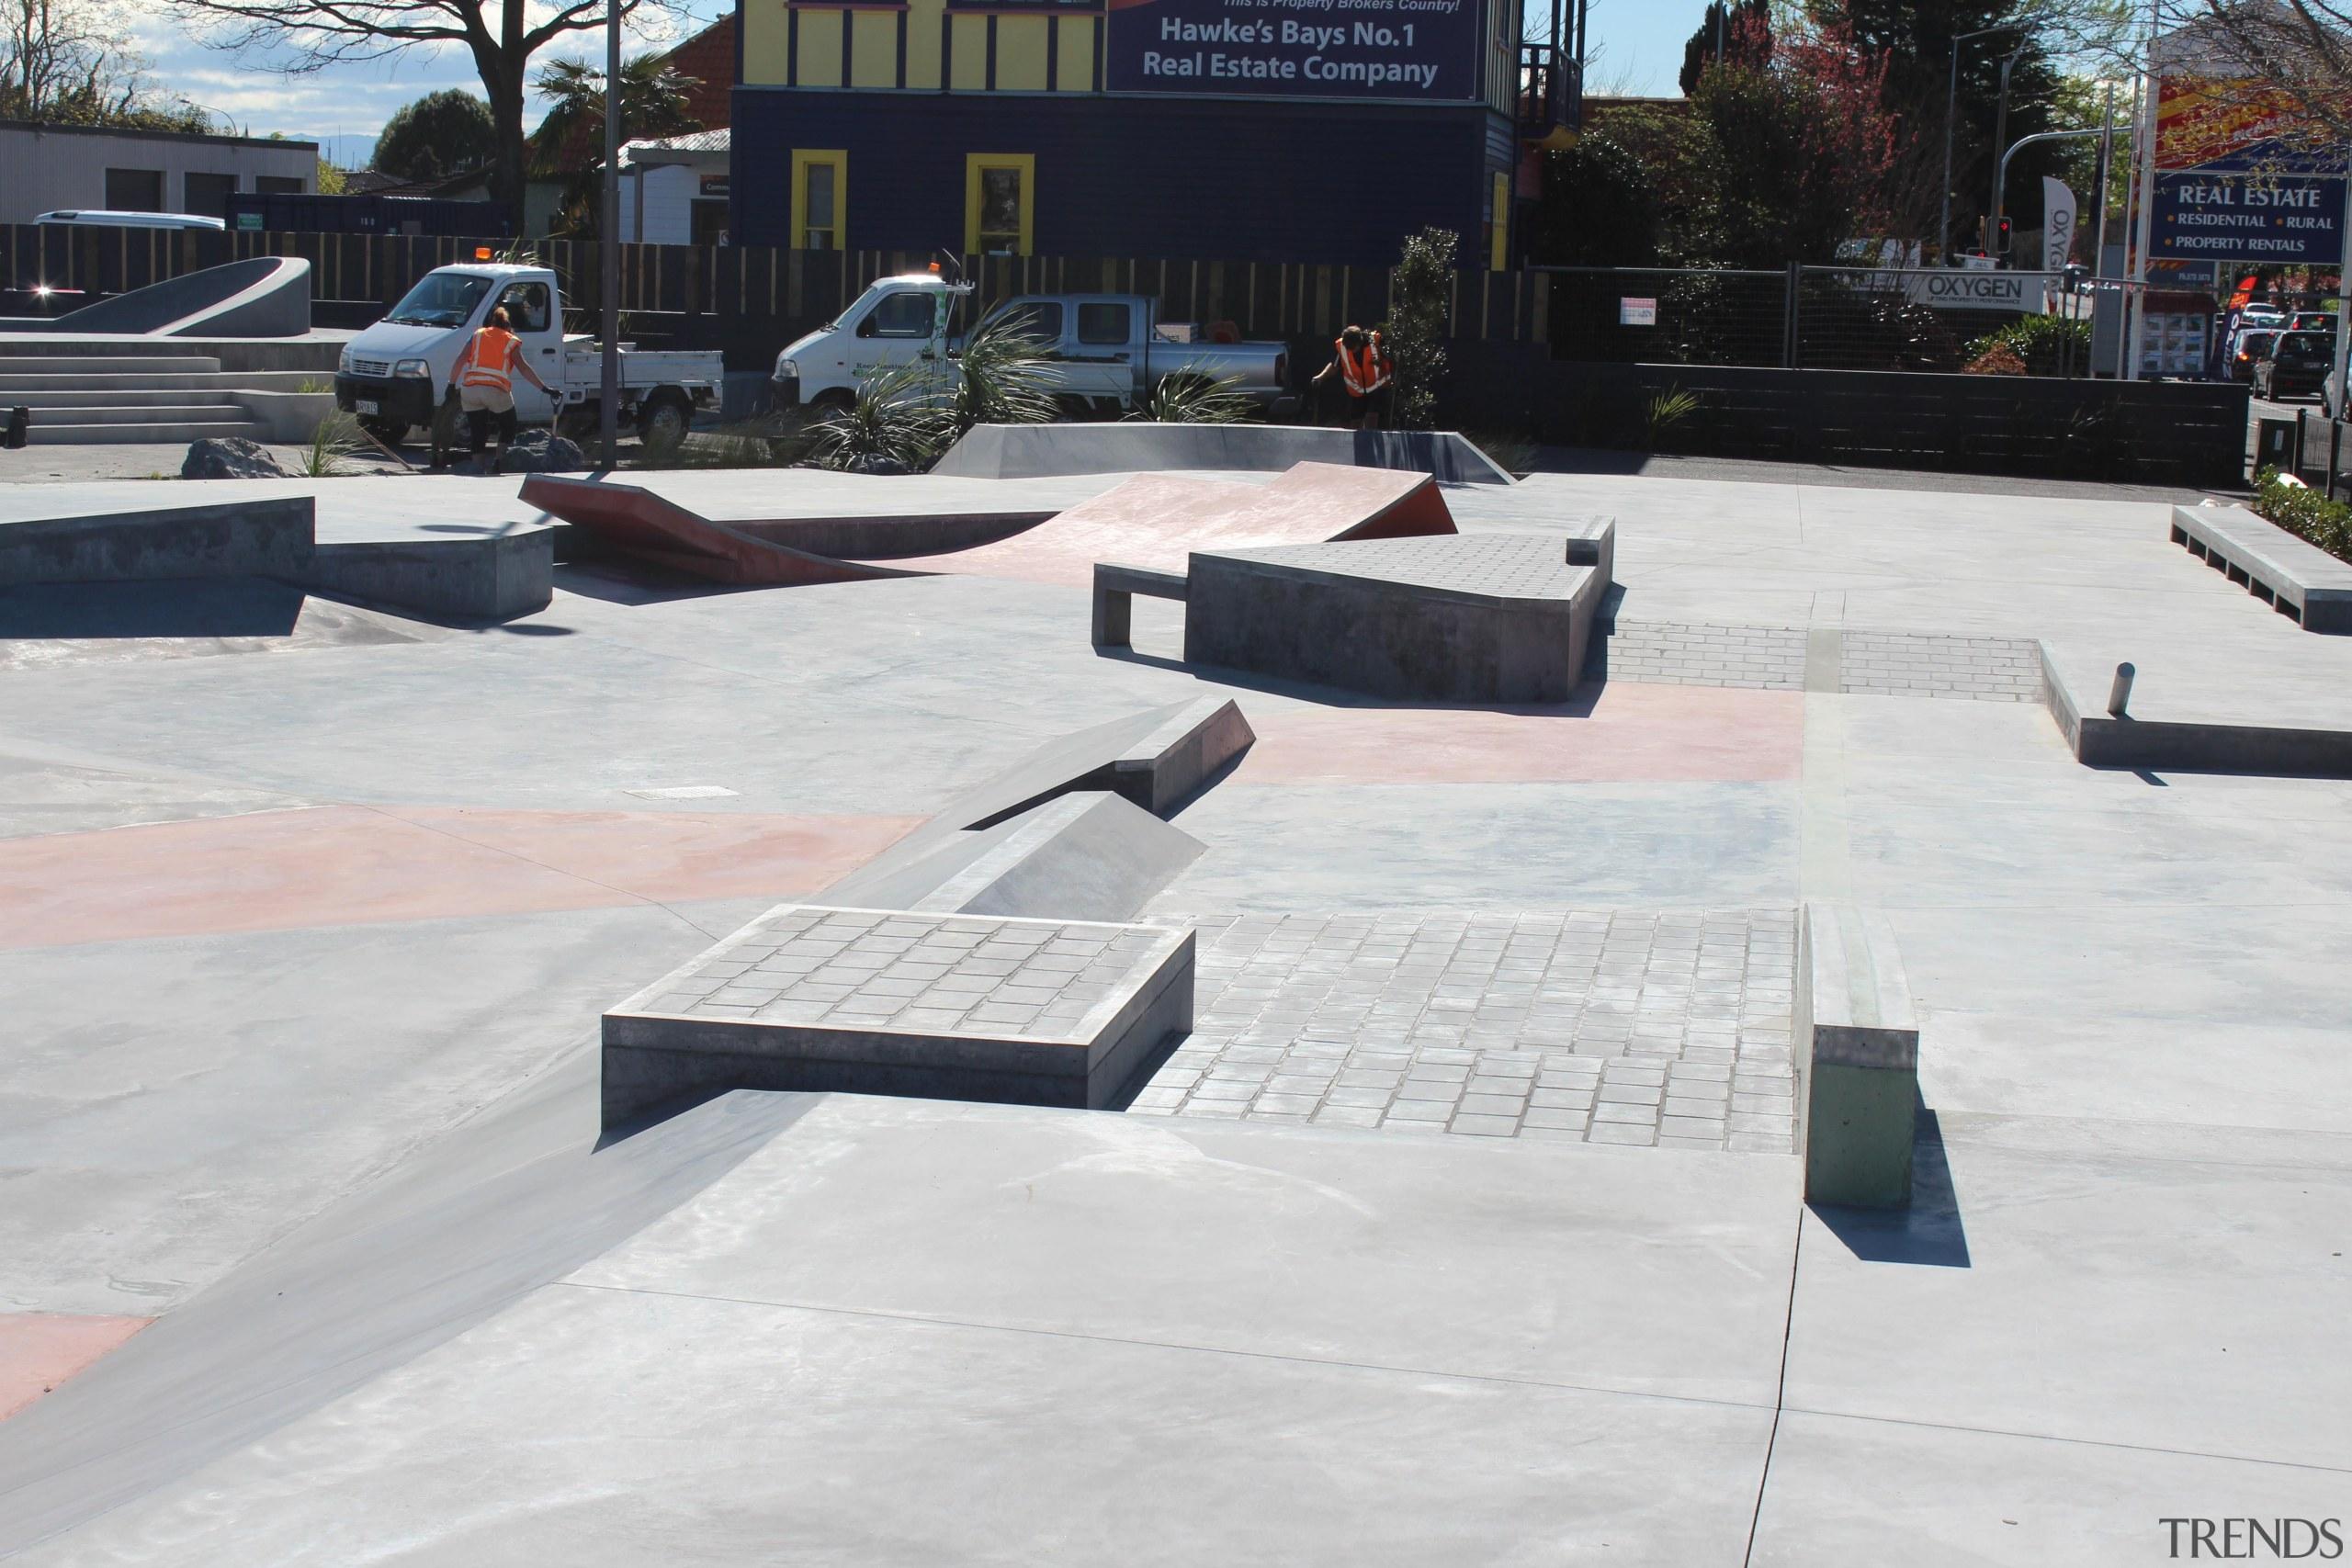 colourmix 12.jpg - colourmix_12.jpg - asphalt   boardsport asphalt, boardsport, memorial, roof, skateboarding, walkway, white, black